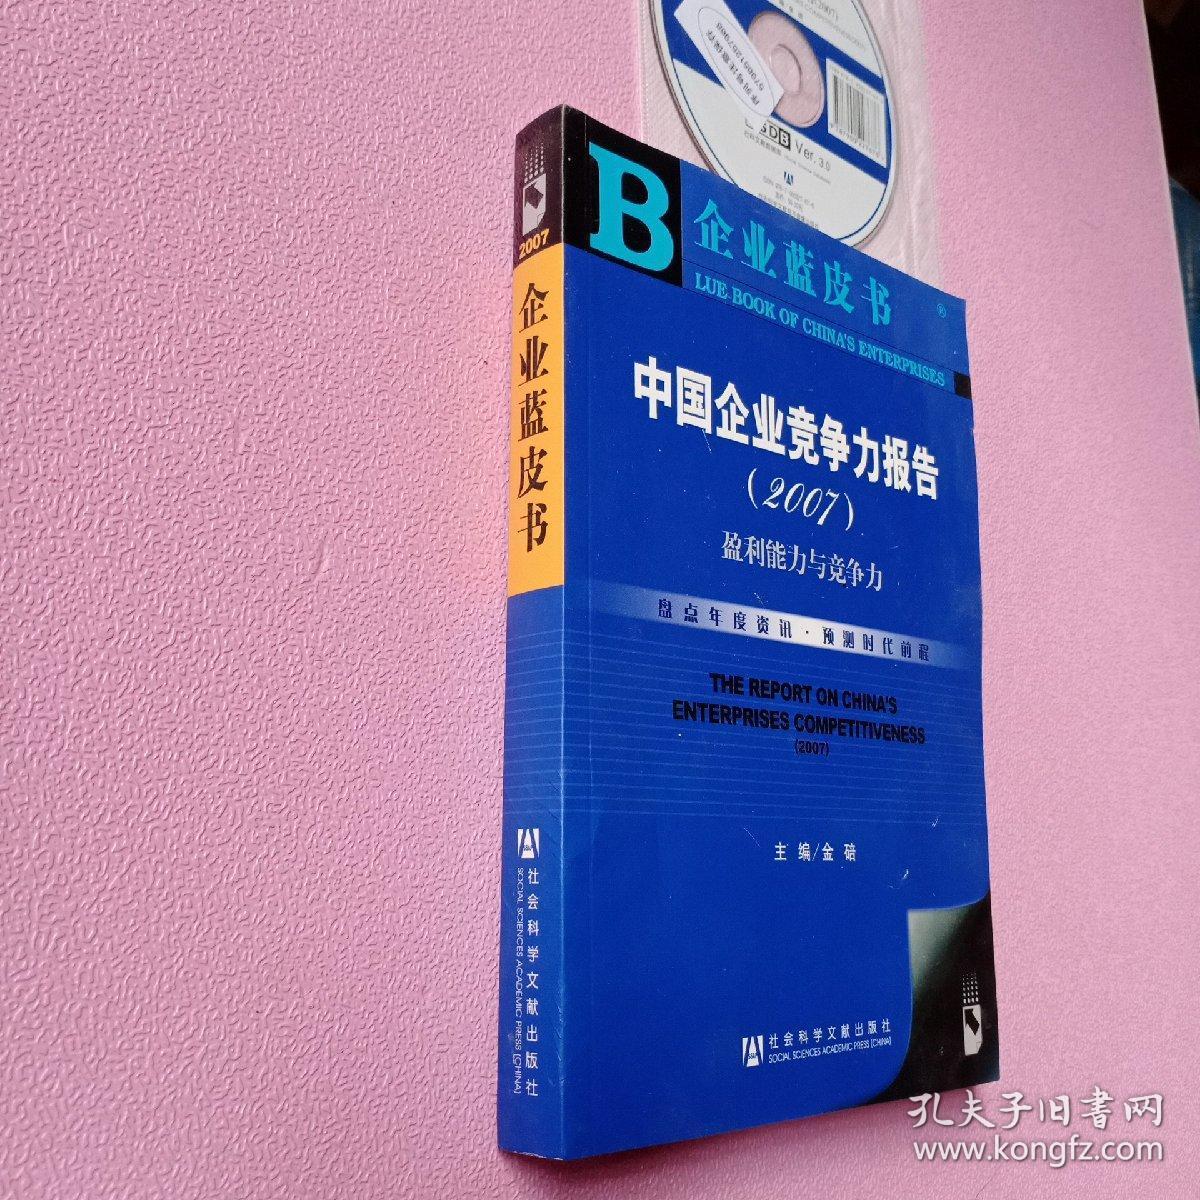 中国企业竞争力报告(2007):盈利能力与竞争力